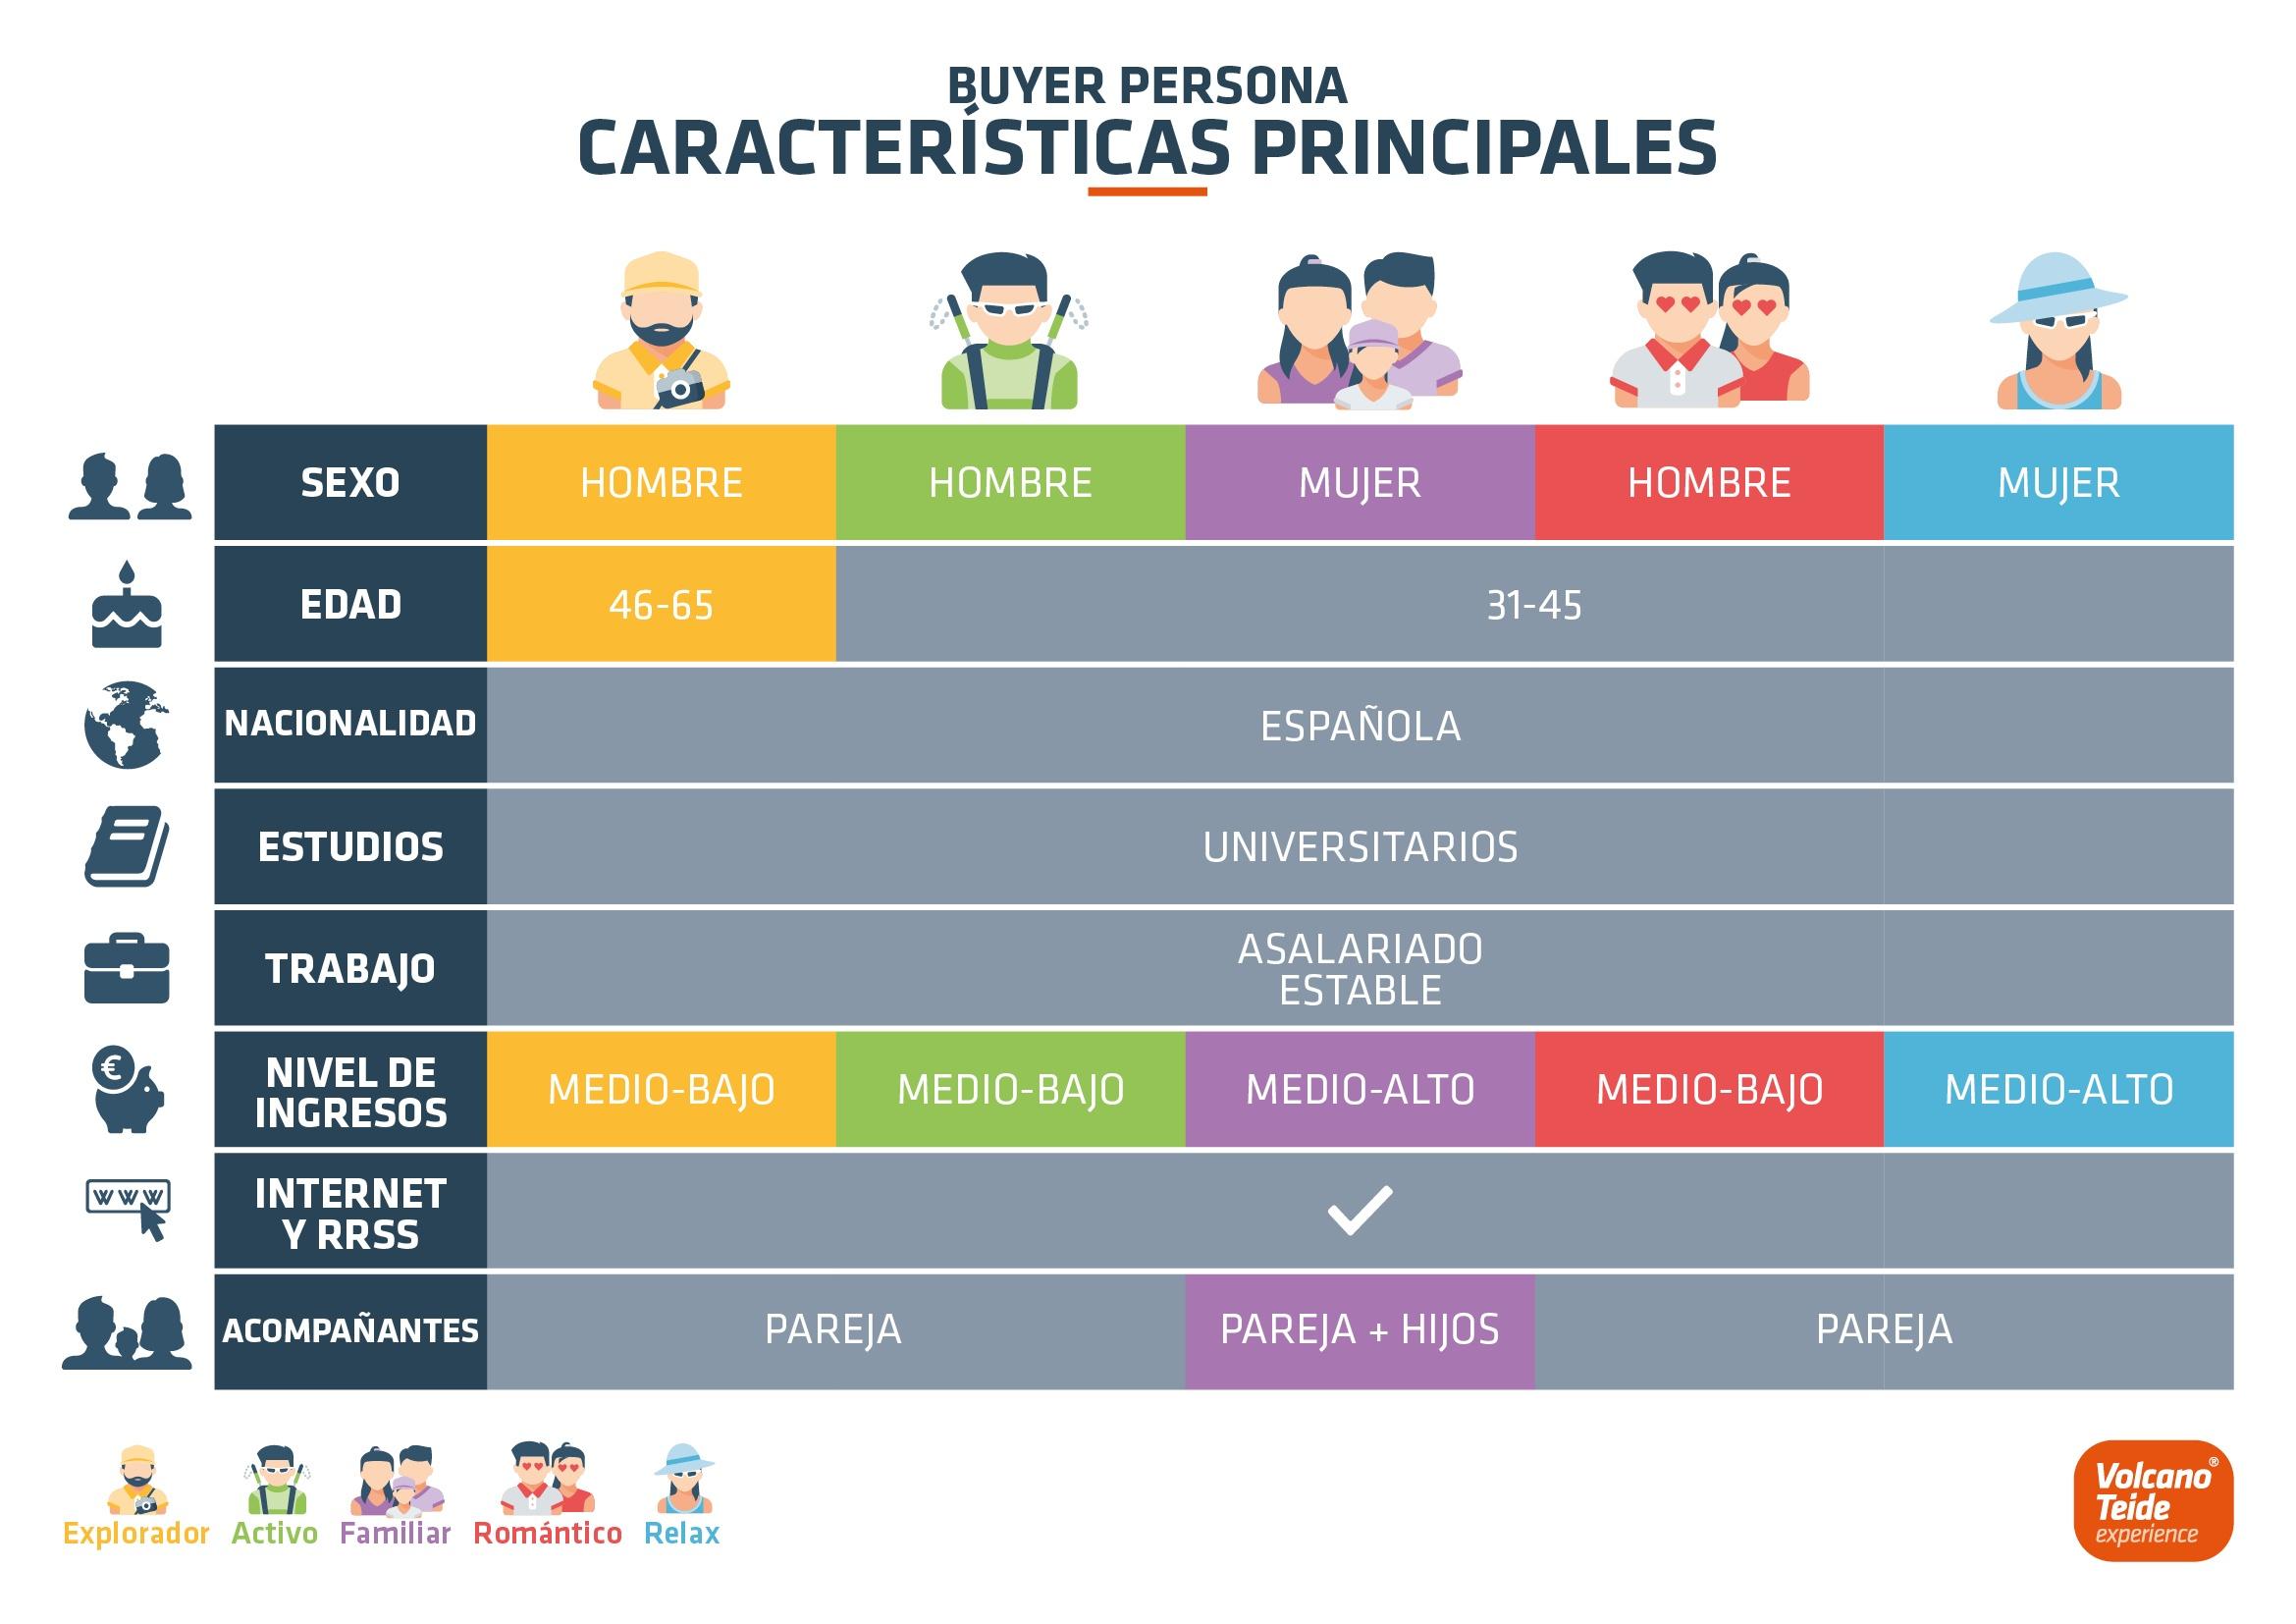 CARACTERÍSTICAS PRINCIPALES COMPARADAS